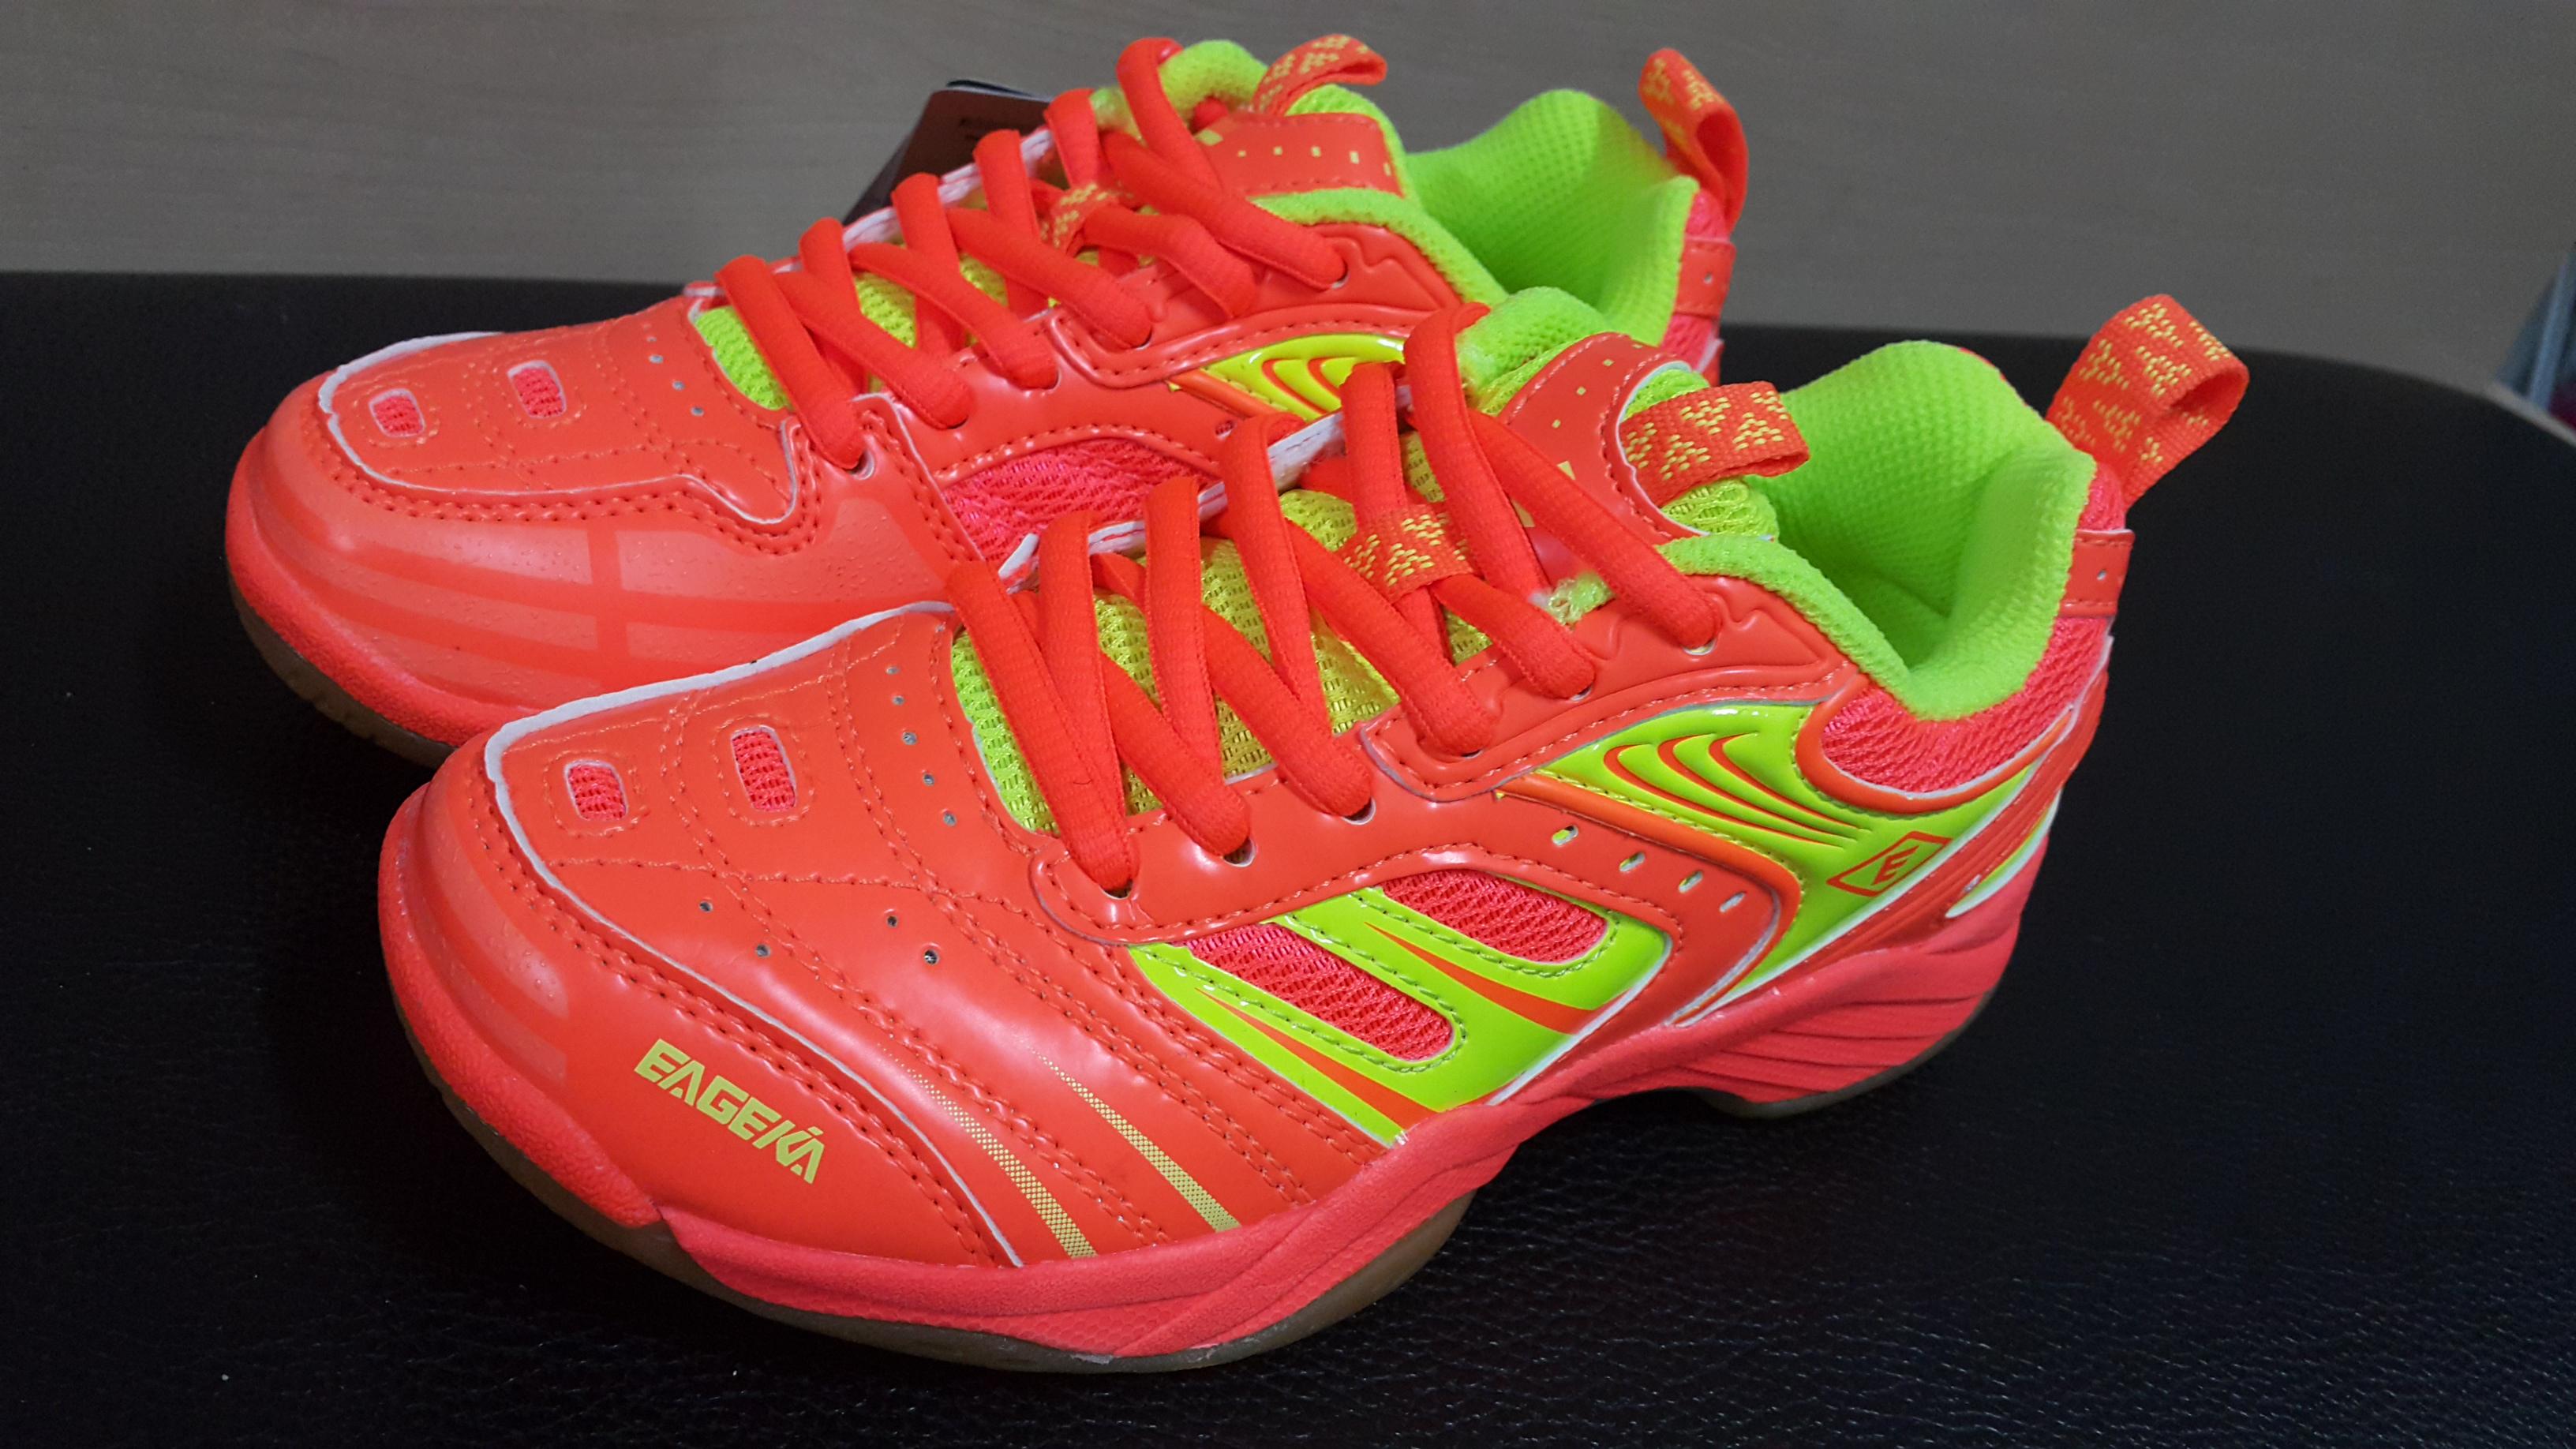 รองเท้าแบดมินตันสำหรับเด็ก BS79